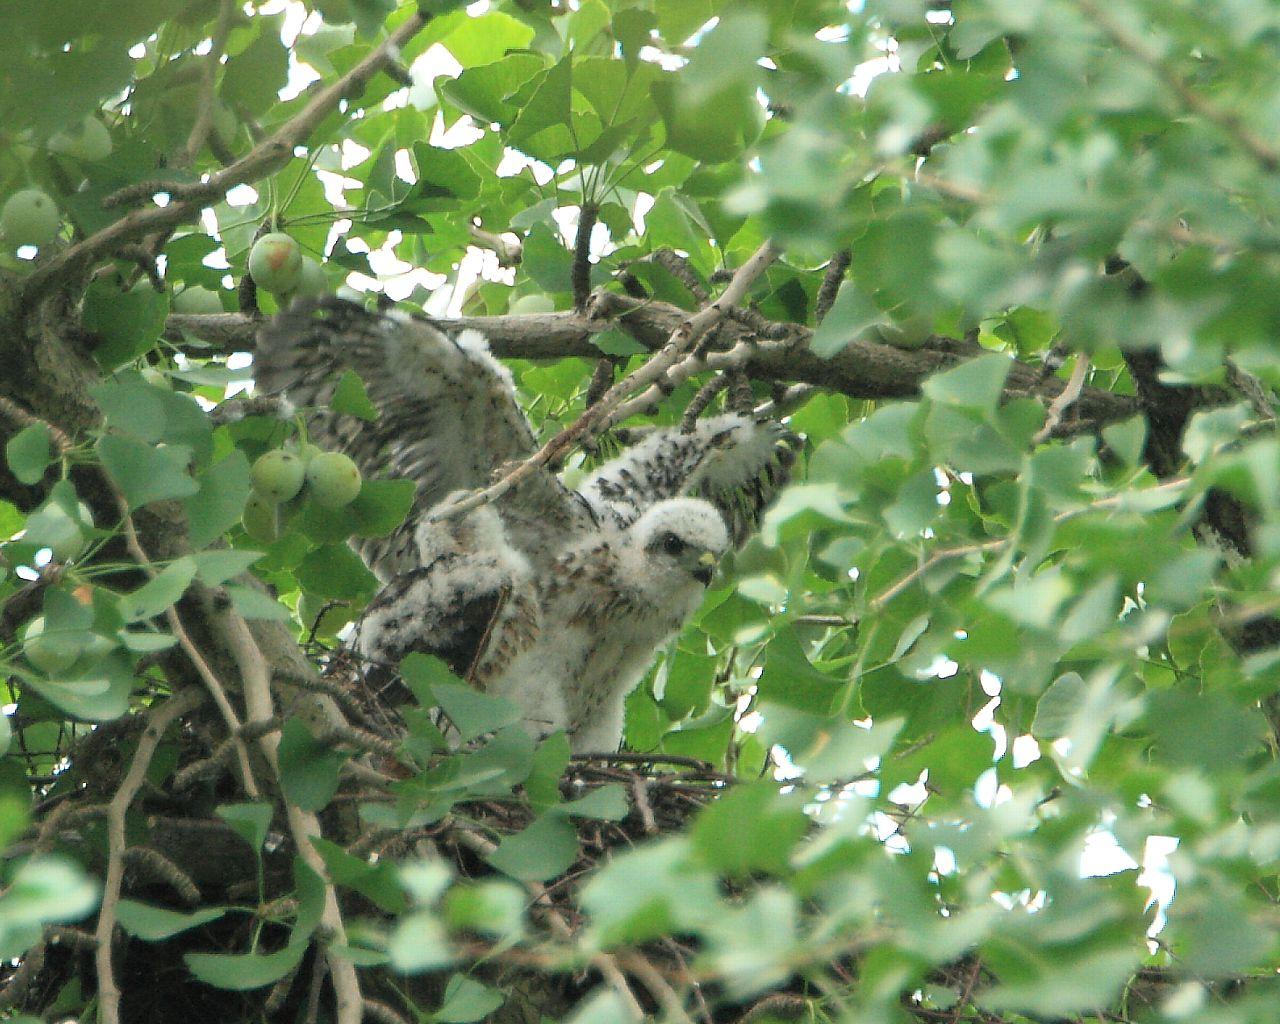 ツミの営巣木が切られてしまいました。_f0105570_21304368.jpg